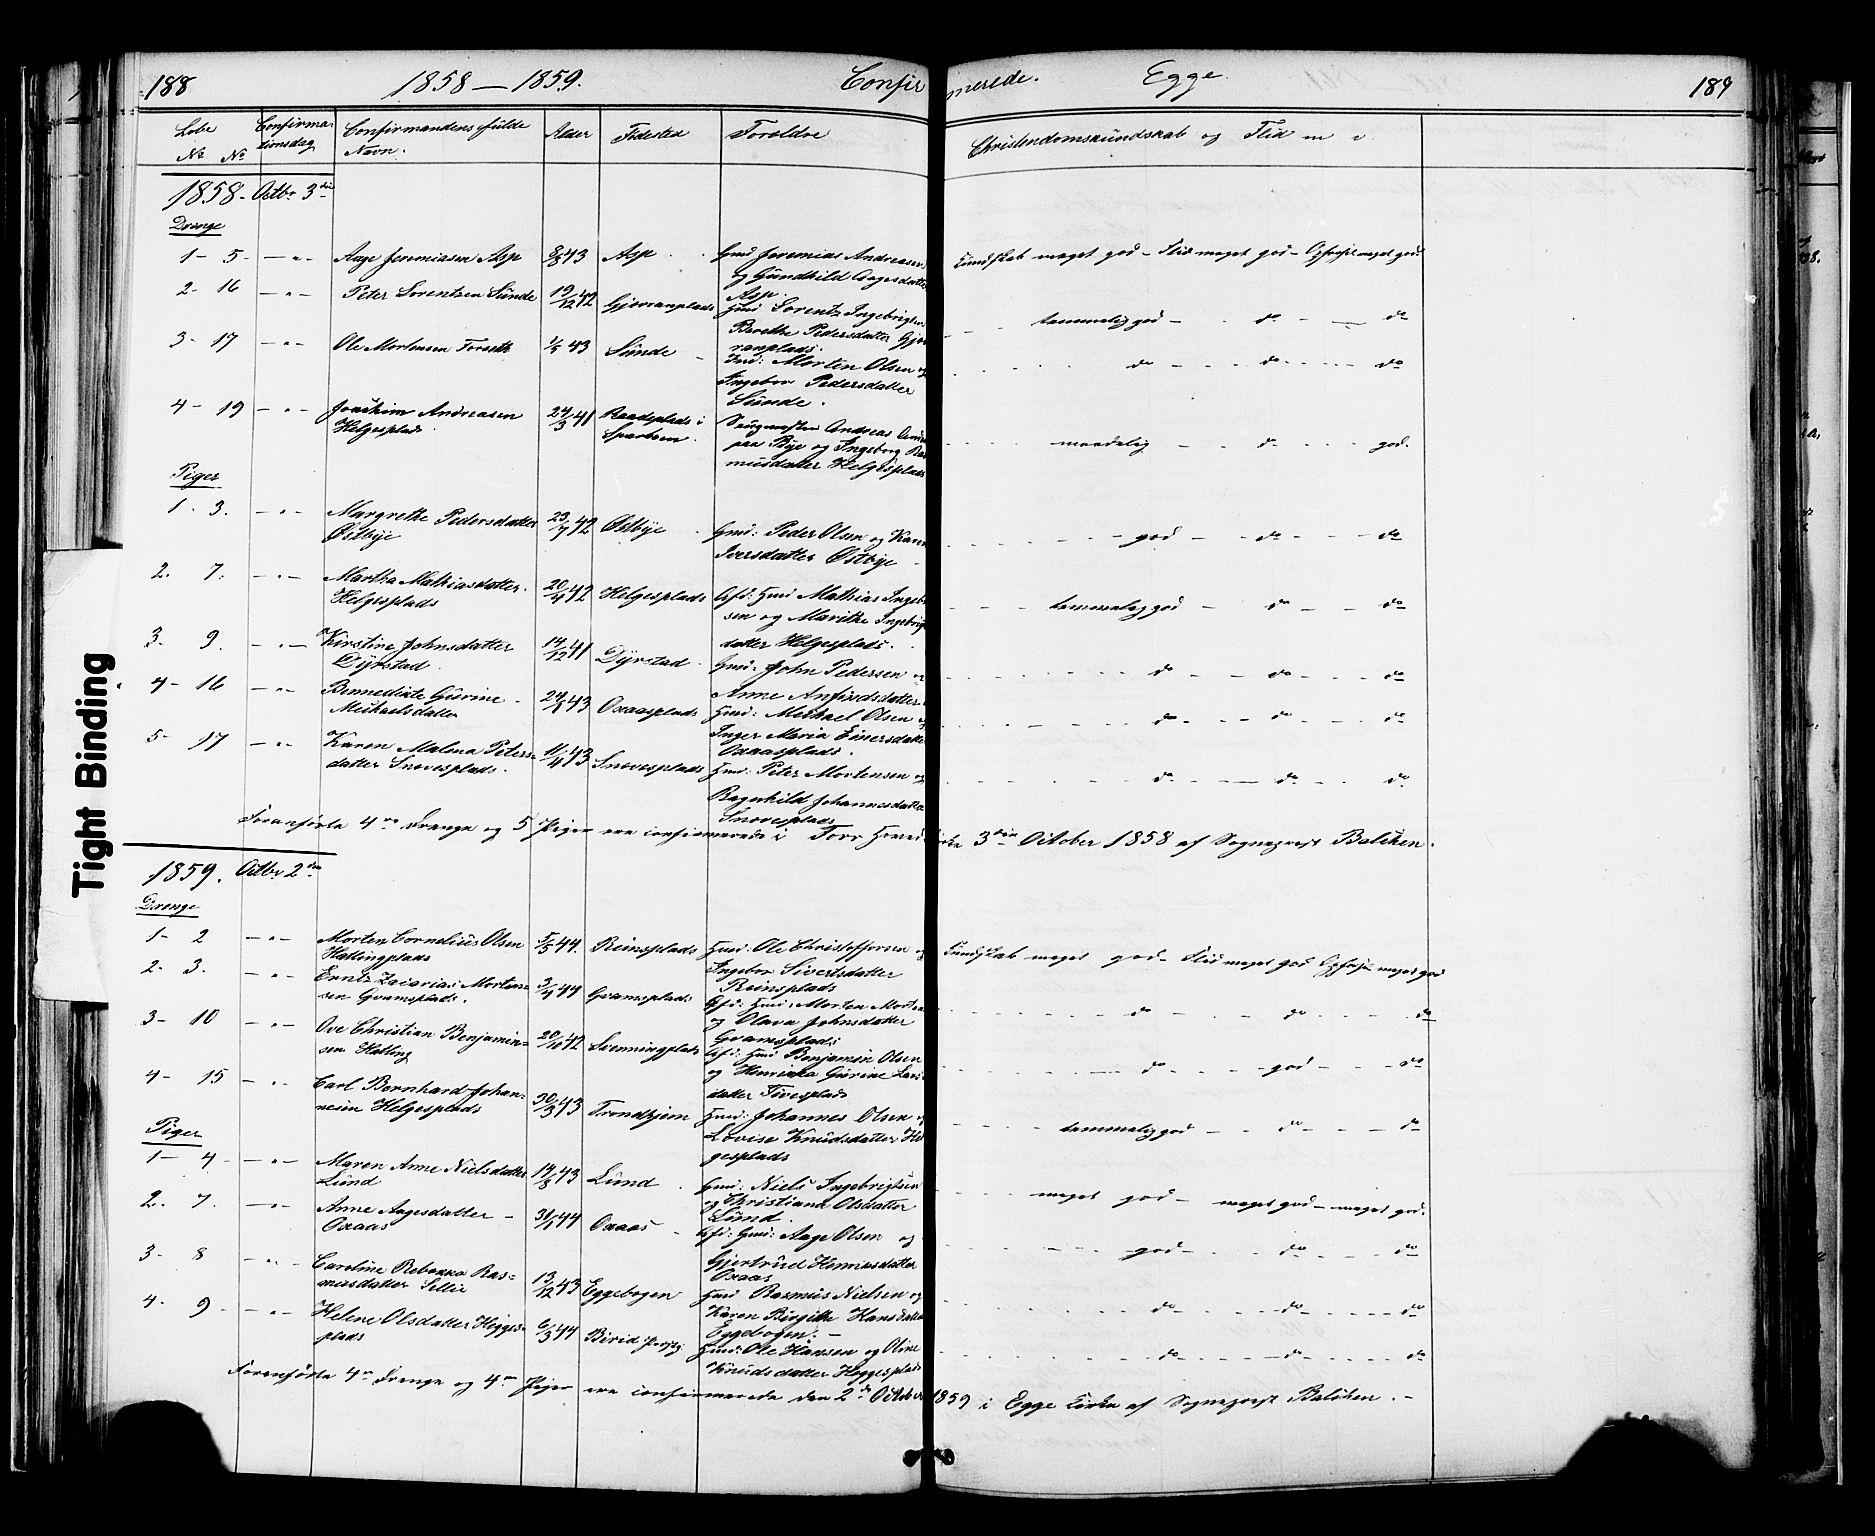 SAT, Ministerialprotokoller, klokkerbøker og fødselsregistre - Nord-Trøndelag, 739/L0367: Ministerialbok nr. 739A01 /3, 1838-1868, s. 188-189